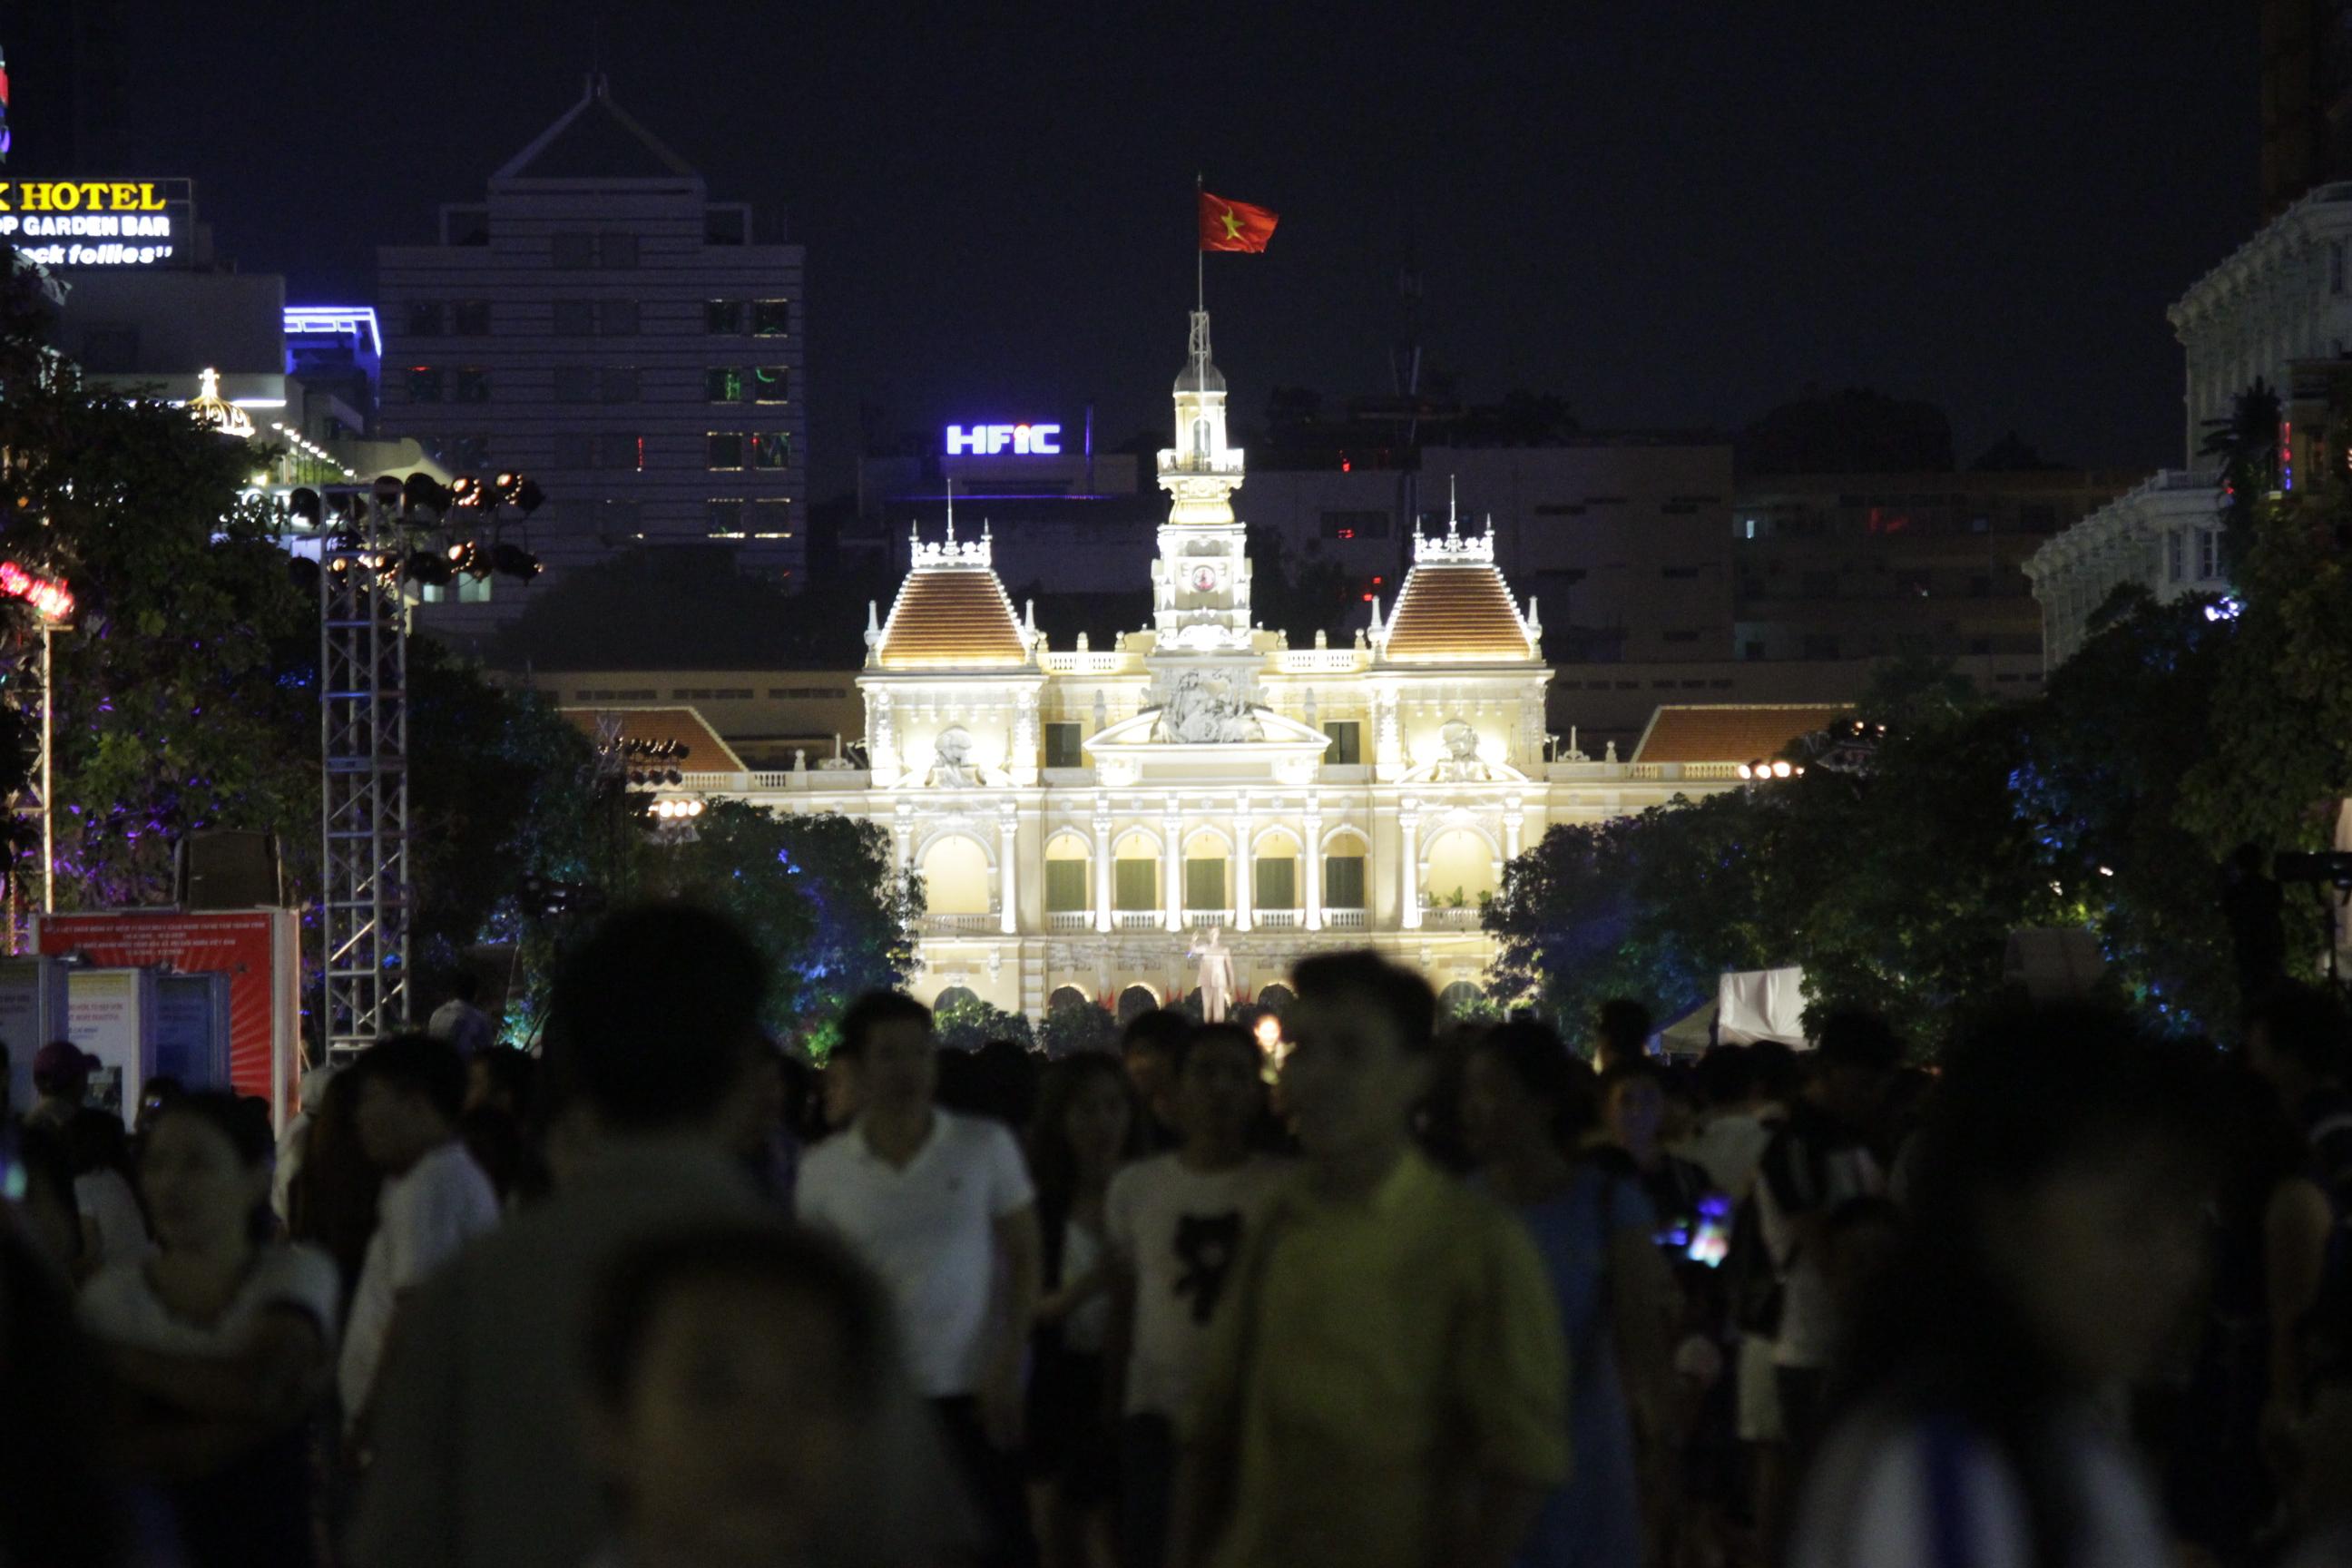 Chiều tối ngày 2-9, đông đảo người dân tập trung tại trung tâm thành phố để tham gia các hoạt động hưởng ứng lễ Quốc Khánh, chwof xem màn bắn pháo hoa.